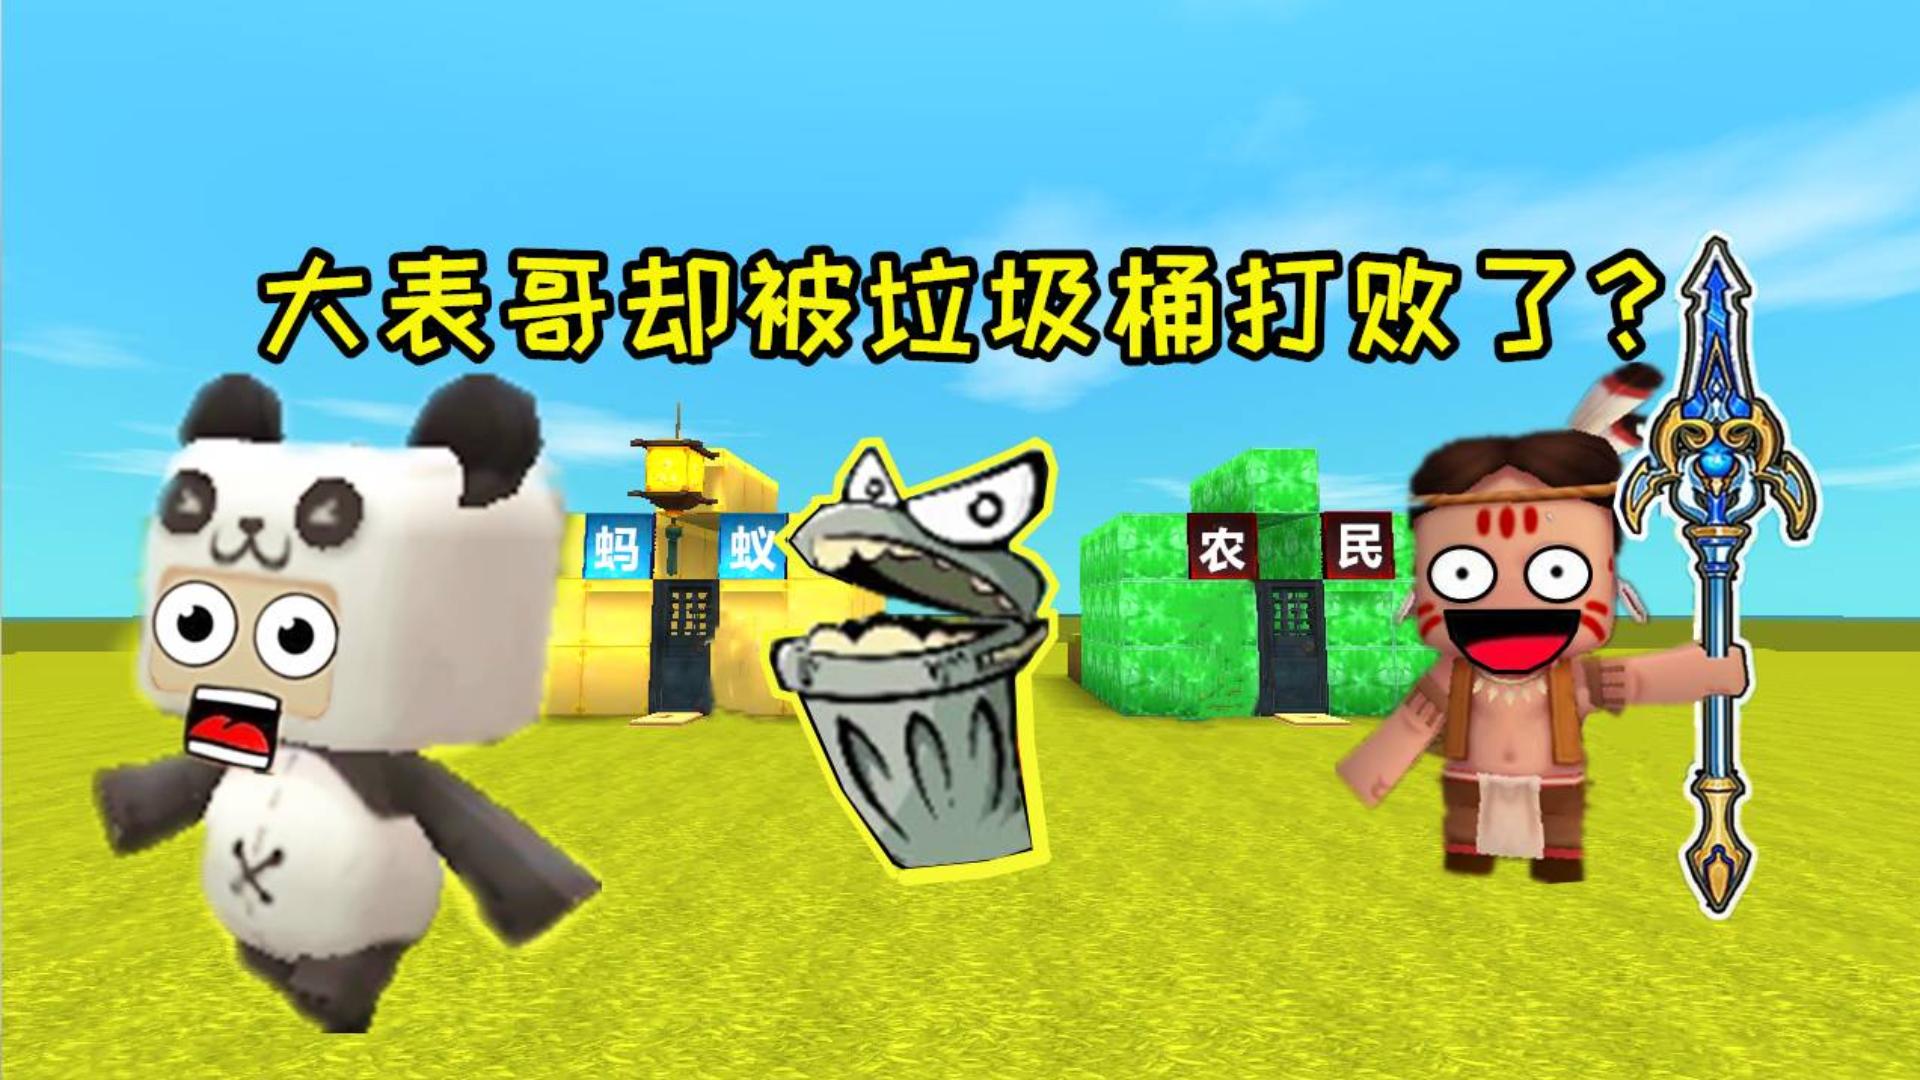 迷你世界:小表弟是农民,大表哥是蚂蚁,结果大表哥却败给垃圾桶